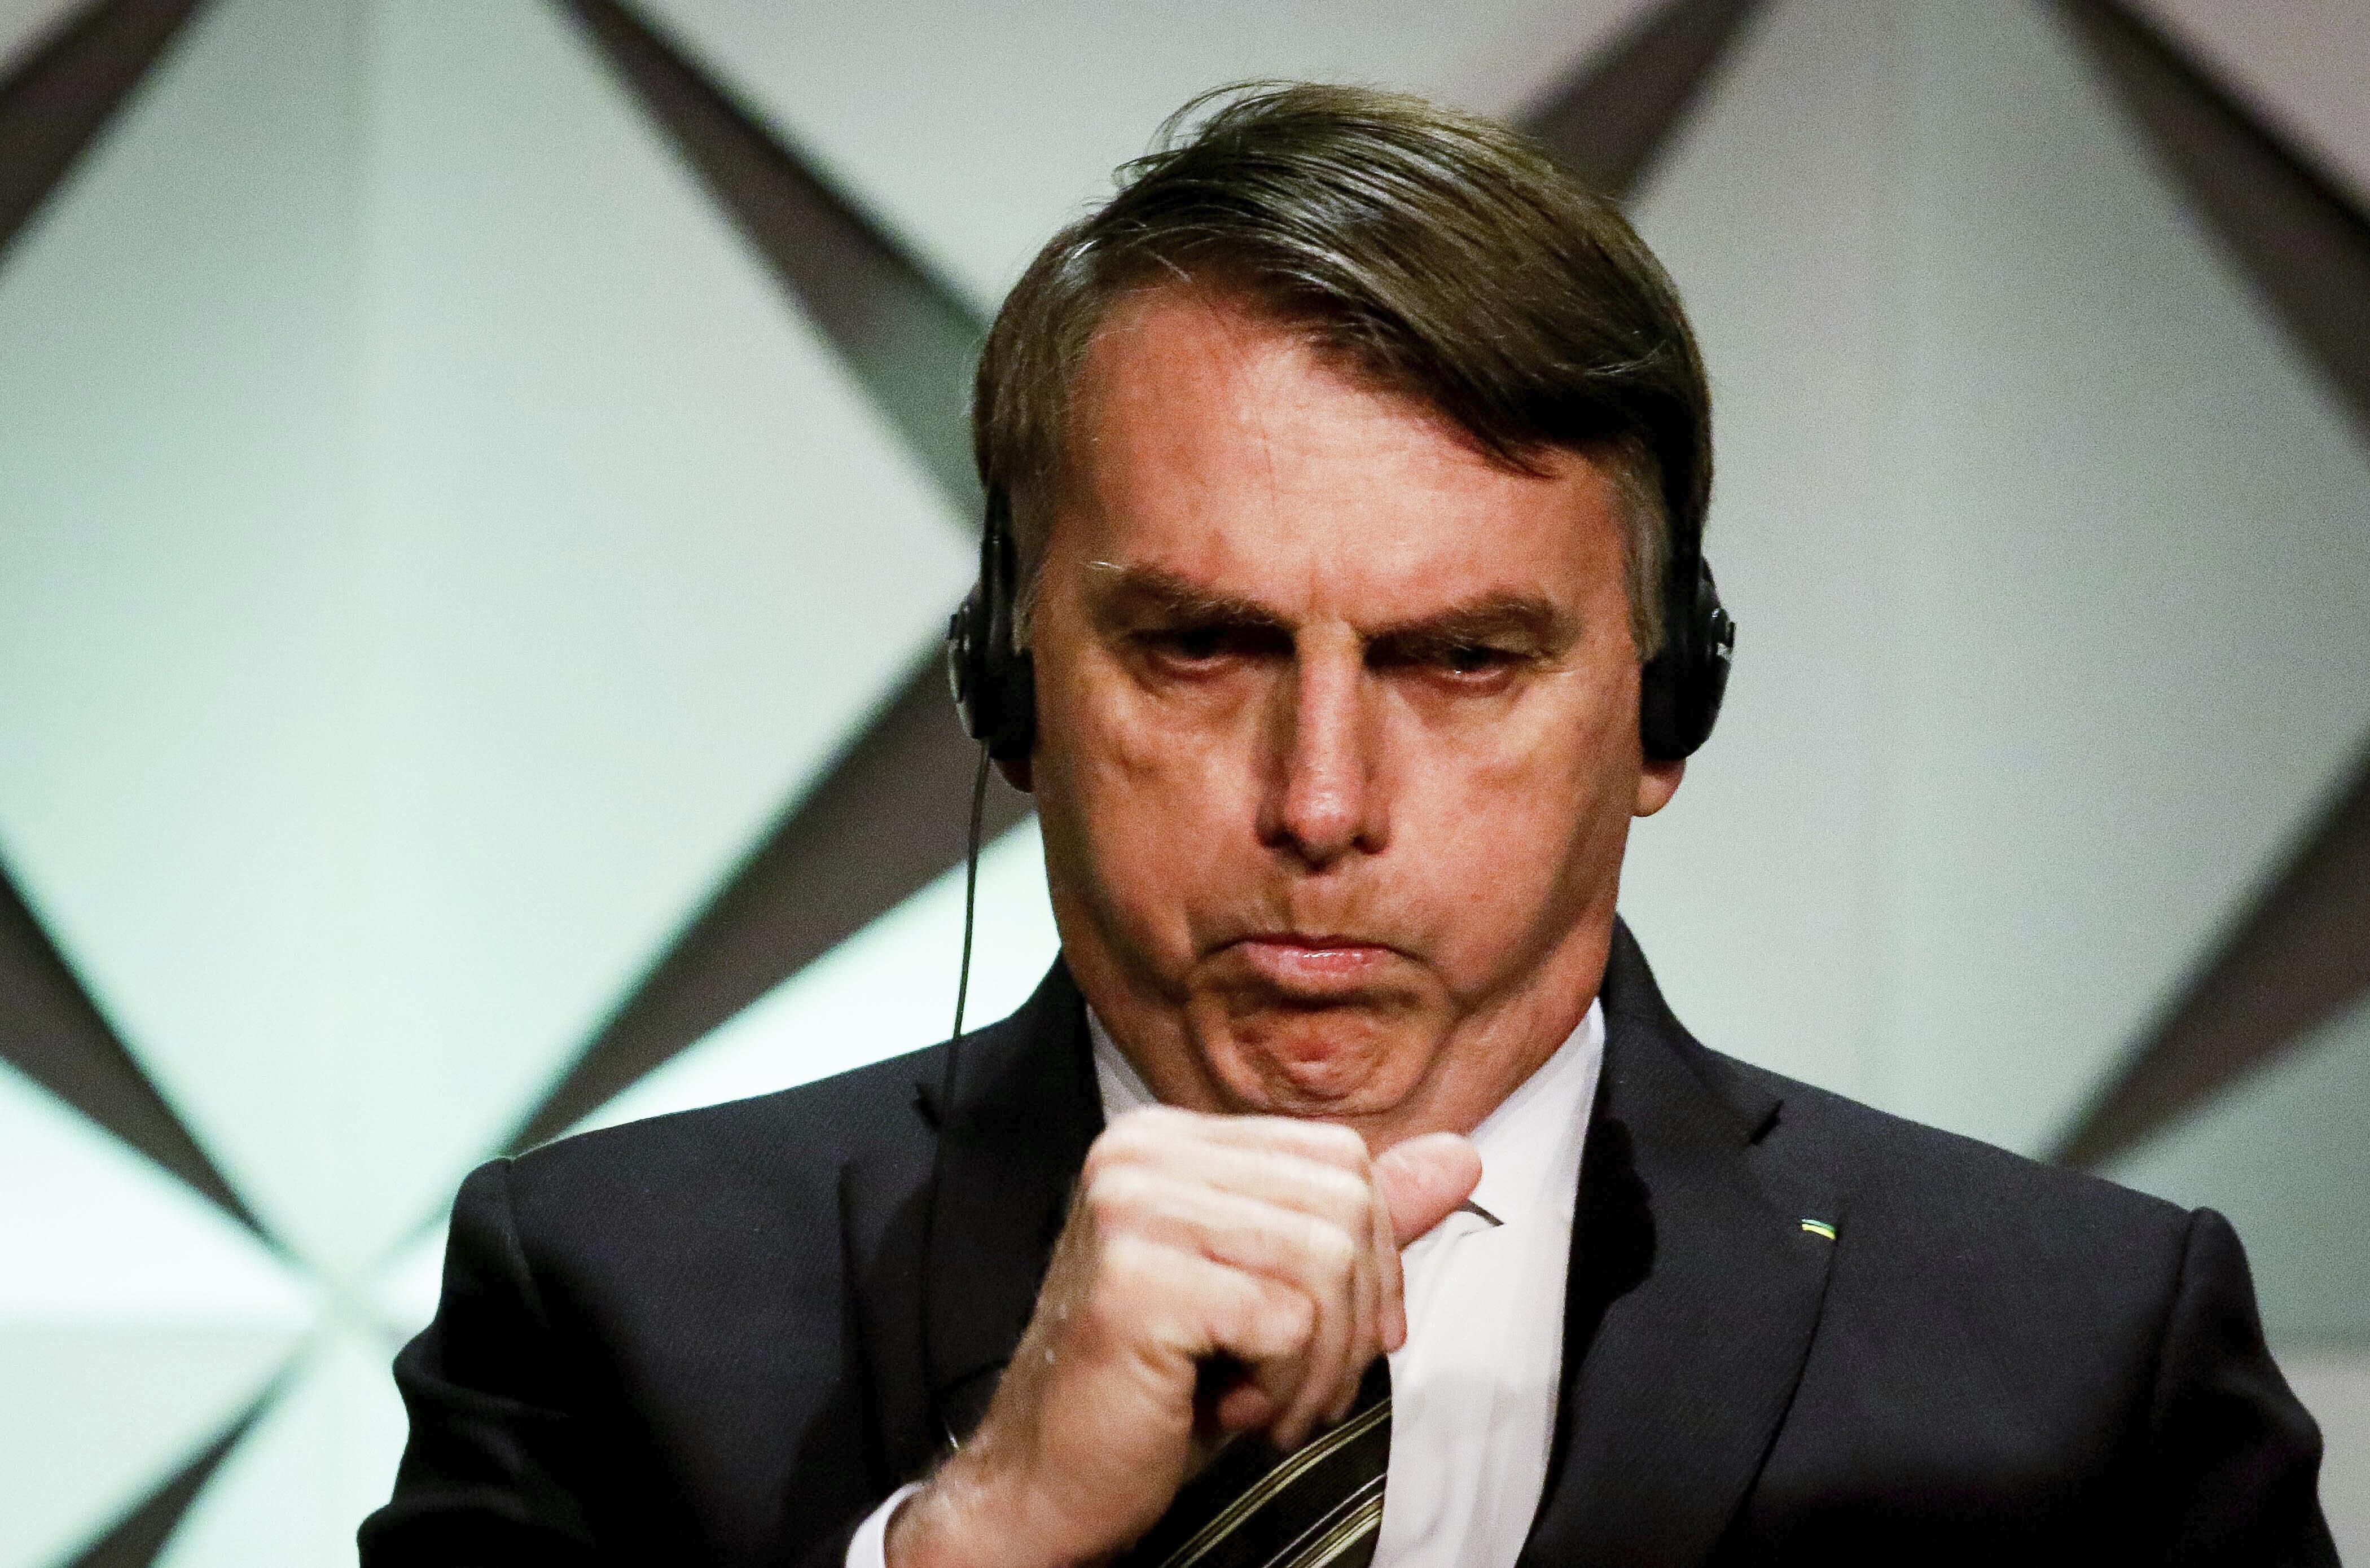 A imagem mostra o presidente Jair Messias Bolsonaro durante a Abertura Oficial do Fórum de Investimentos Brasil 2019, usando fones de ouvido de tradução simultânea enquanto cobre a boca para tossir.